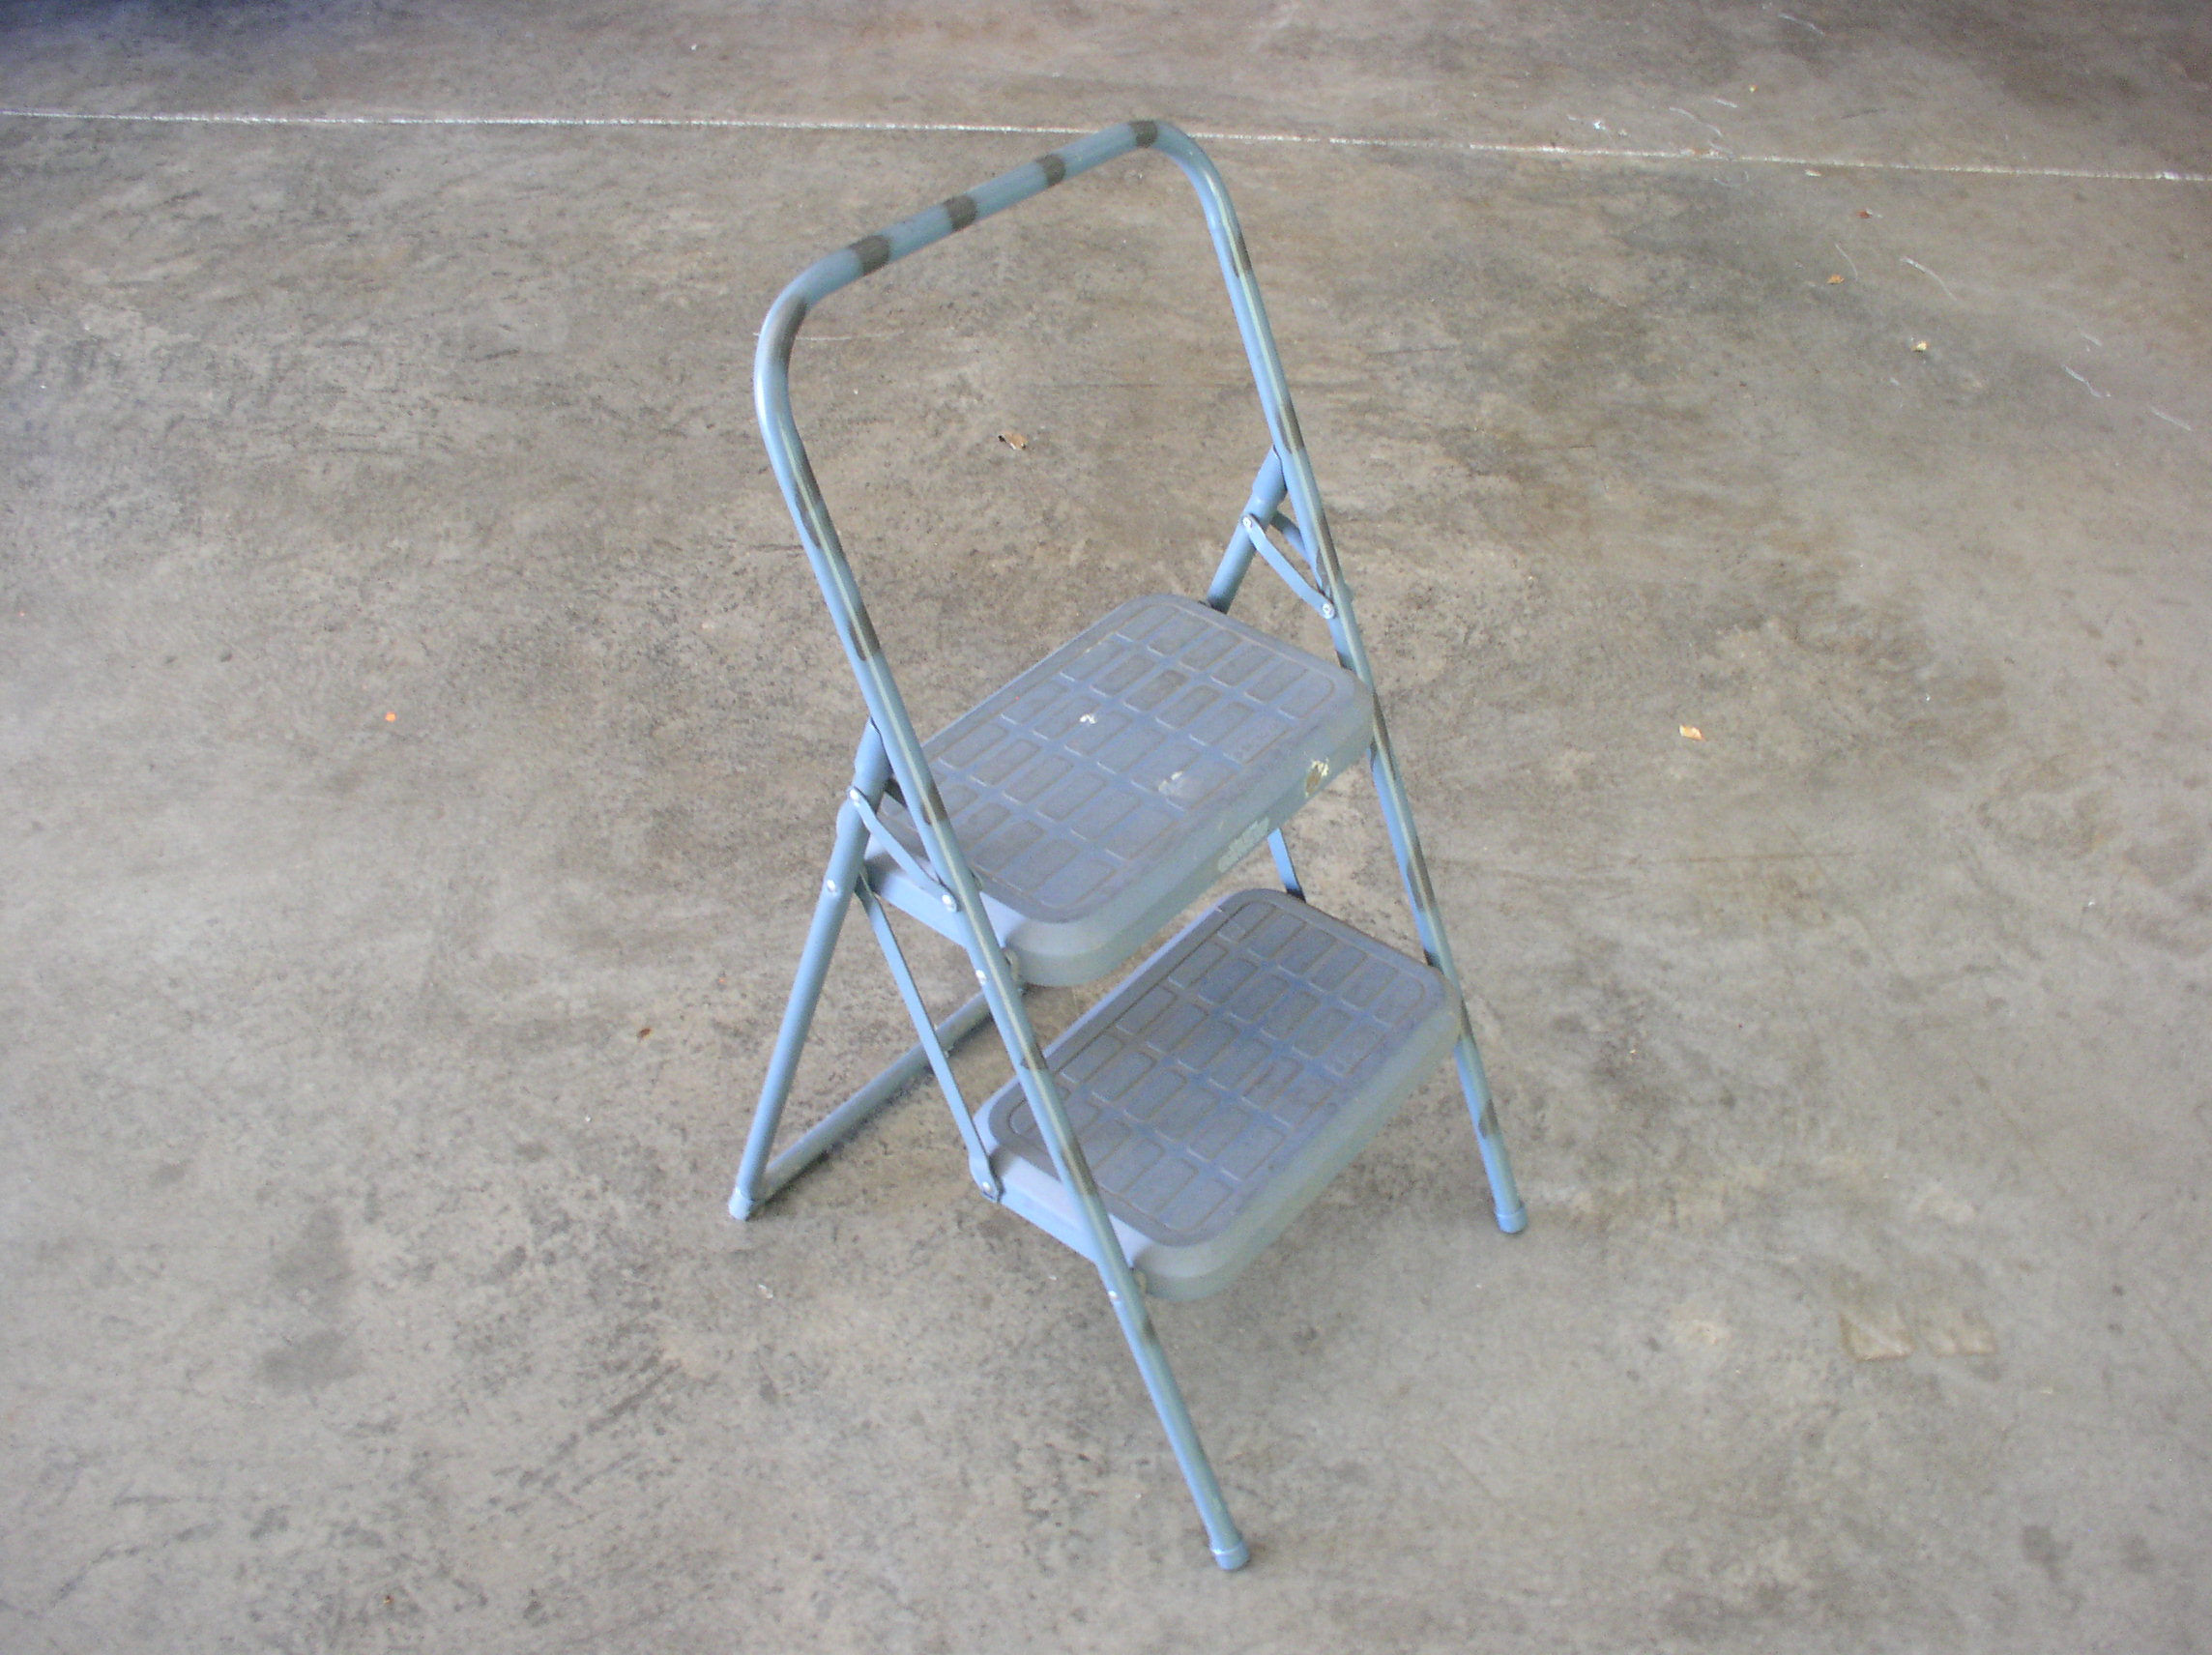 Samsonite Step Stool Parts